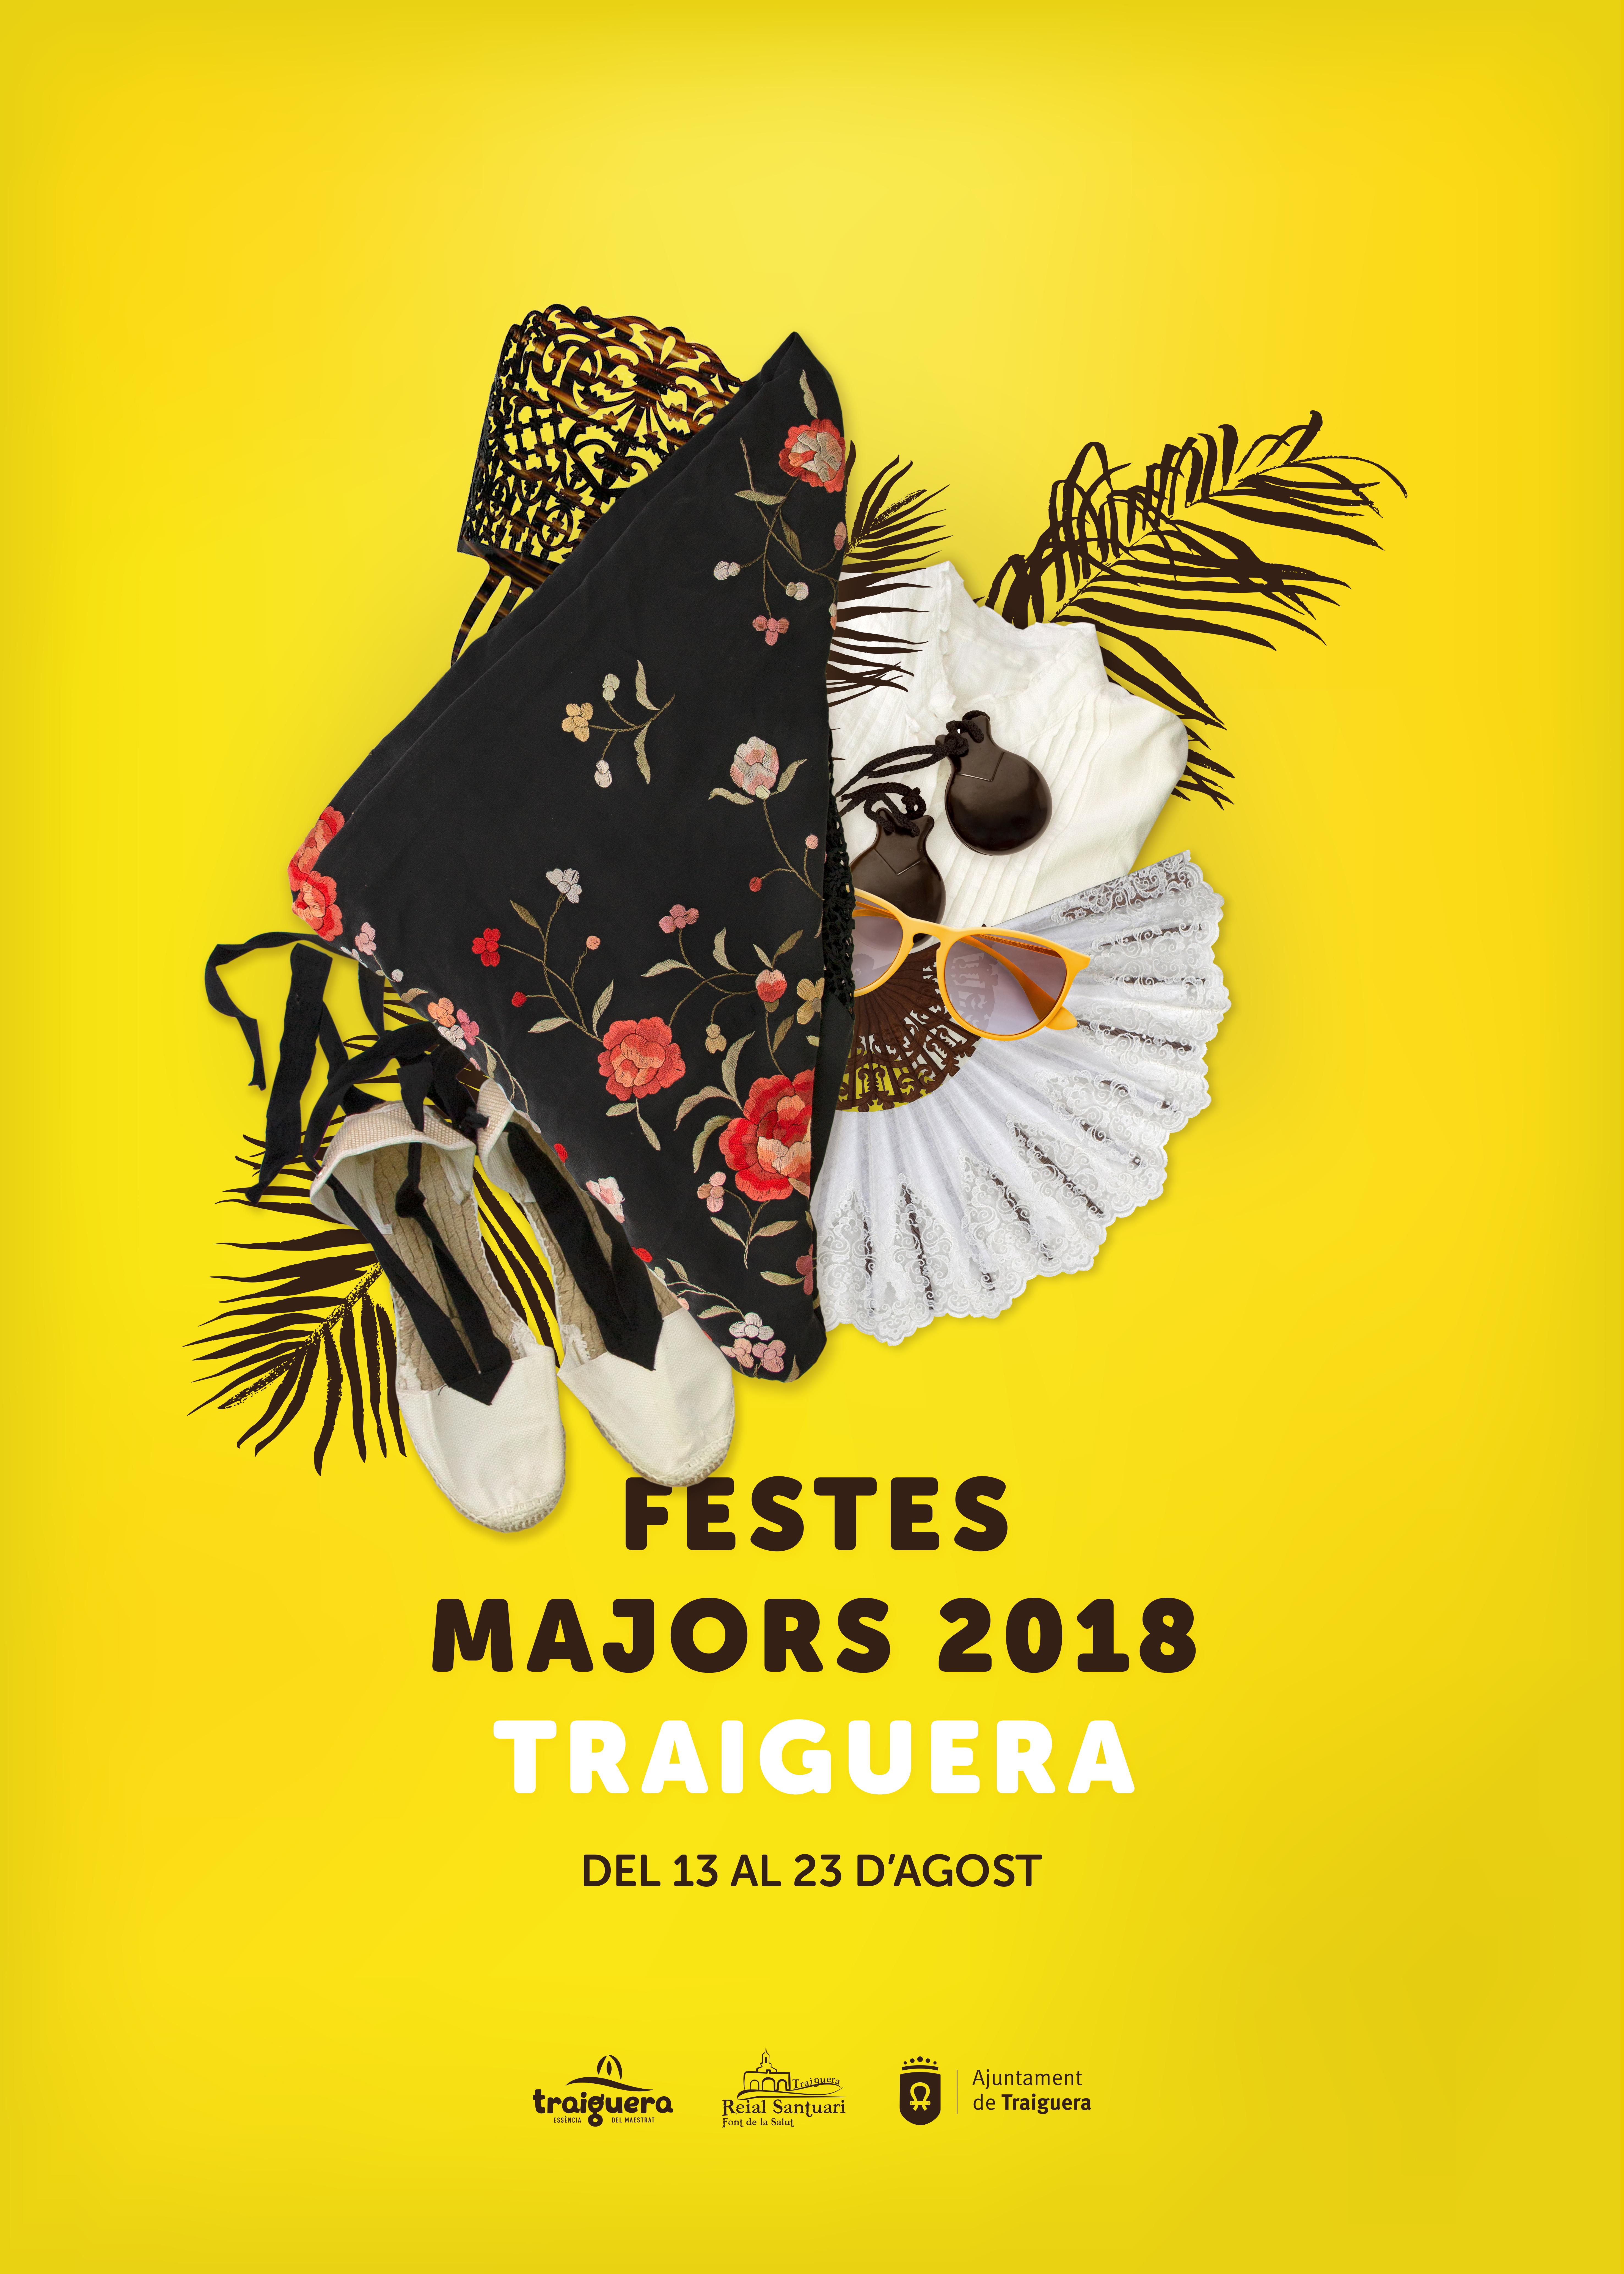 Traiguera es prepara per celebrar les Festes Majors del 13 al 23 d'agost